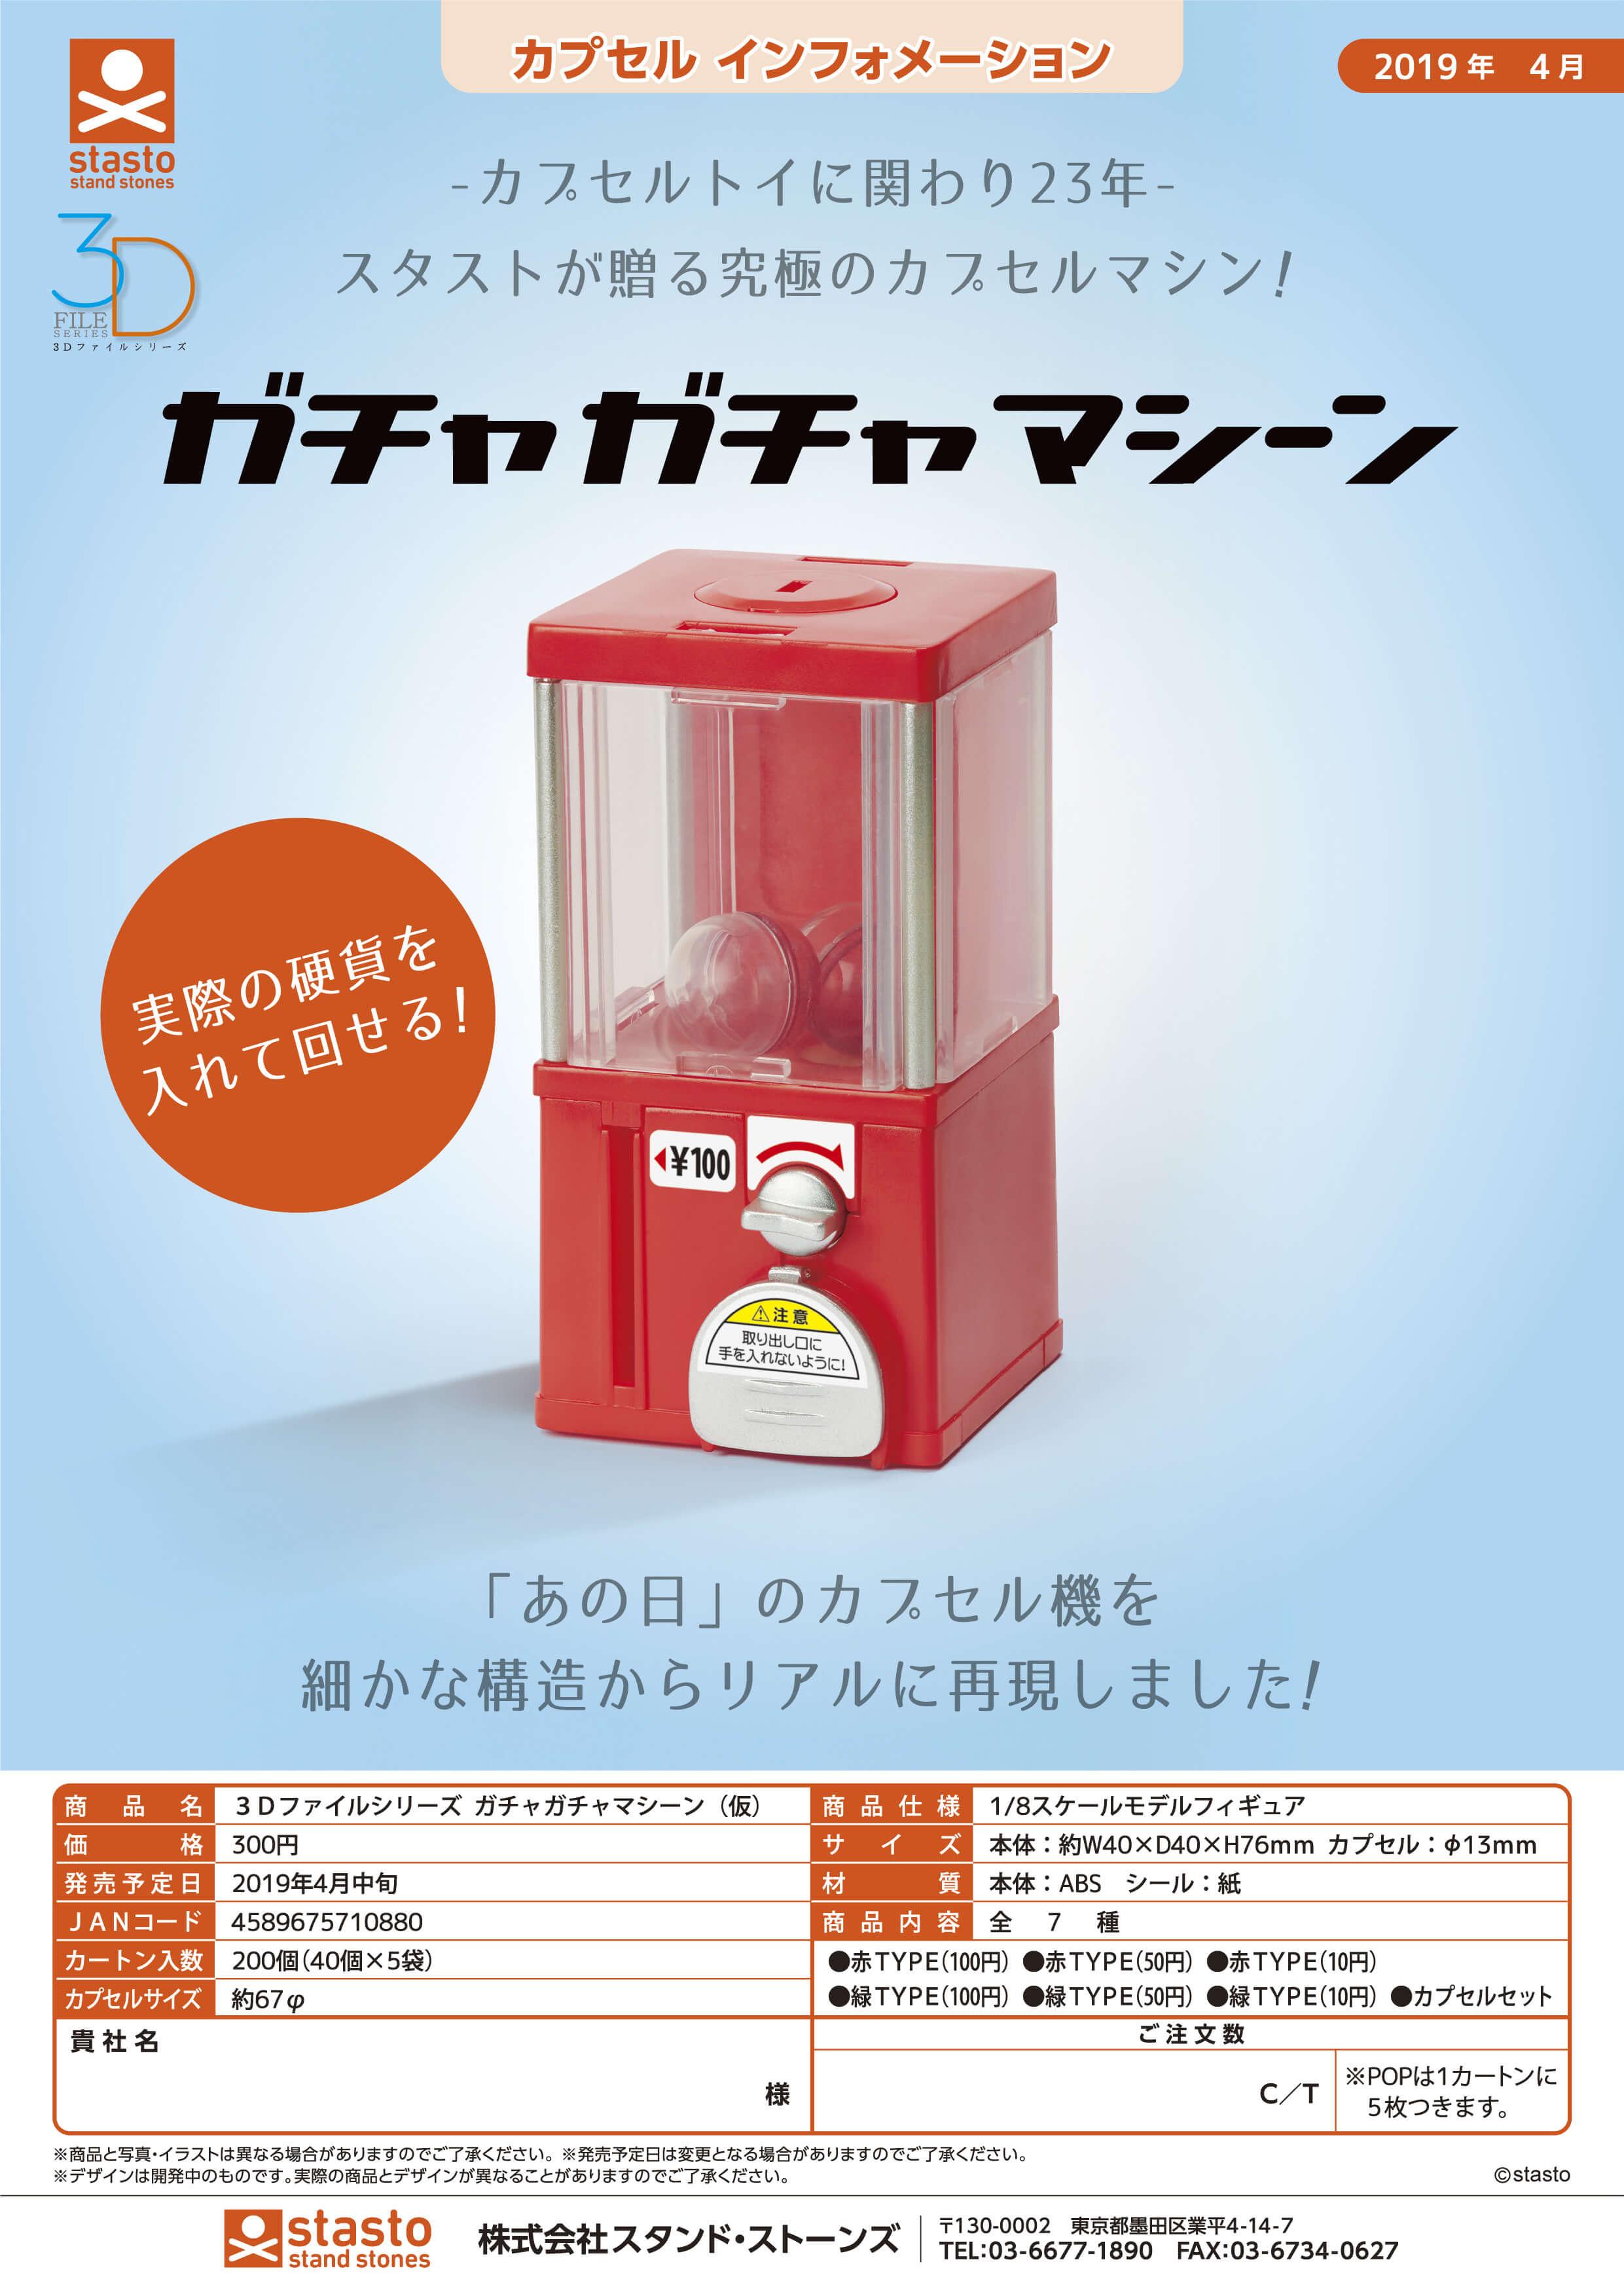 3Dファイルシリーズ ガチャガチャマシーン[仮](40個入り)